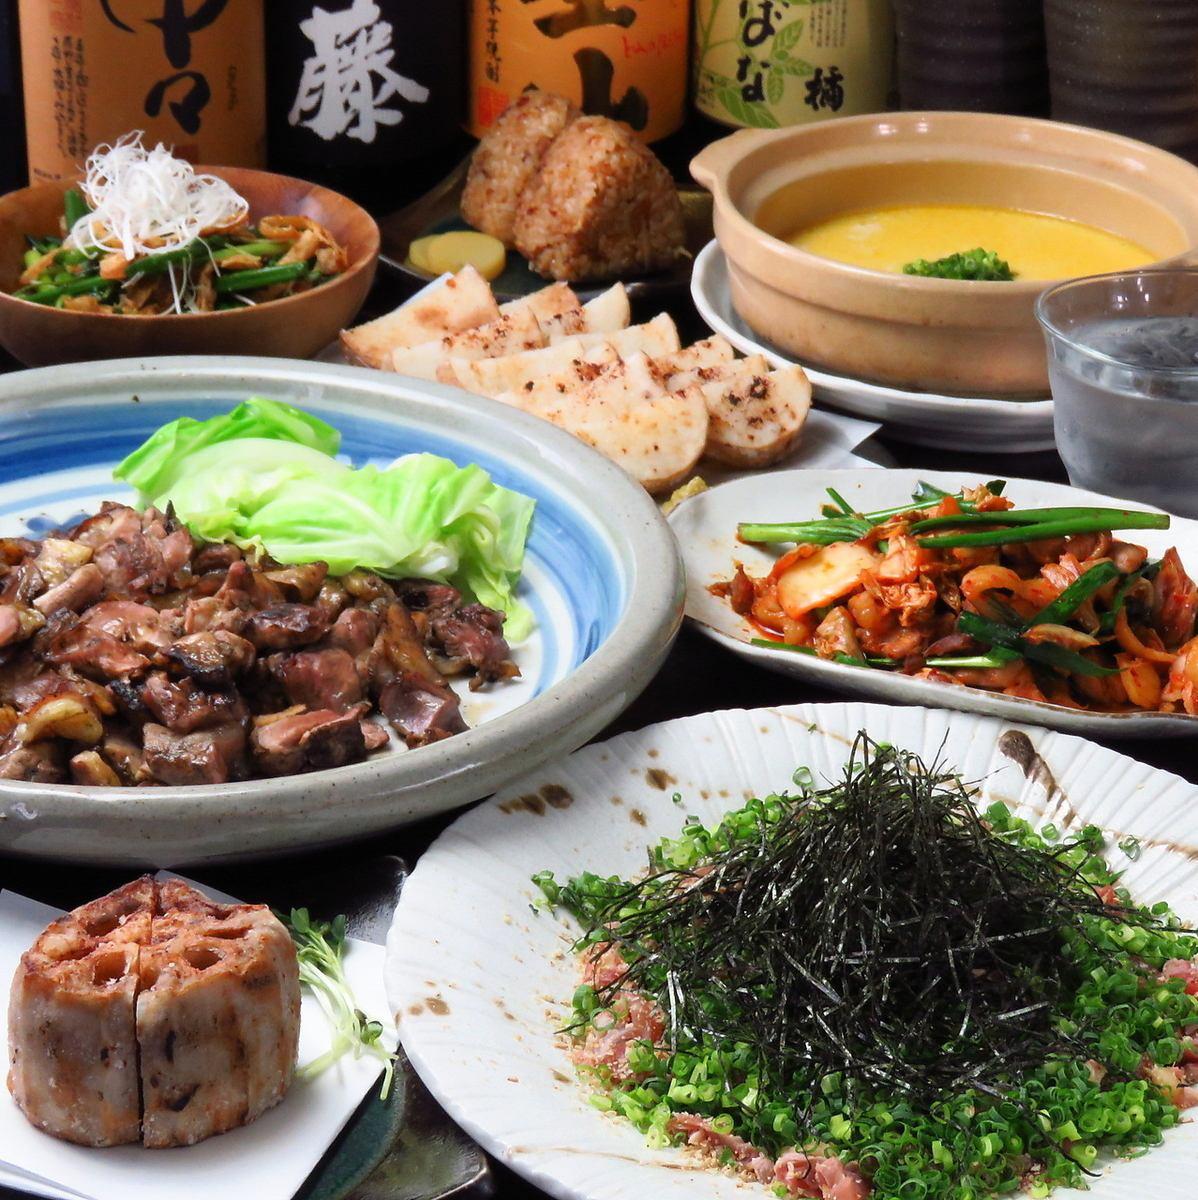 橫濱的人氣餐廳,美食愛好者聚集在此,品嚐博多的當地雞肉!